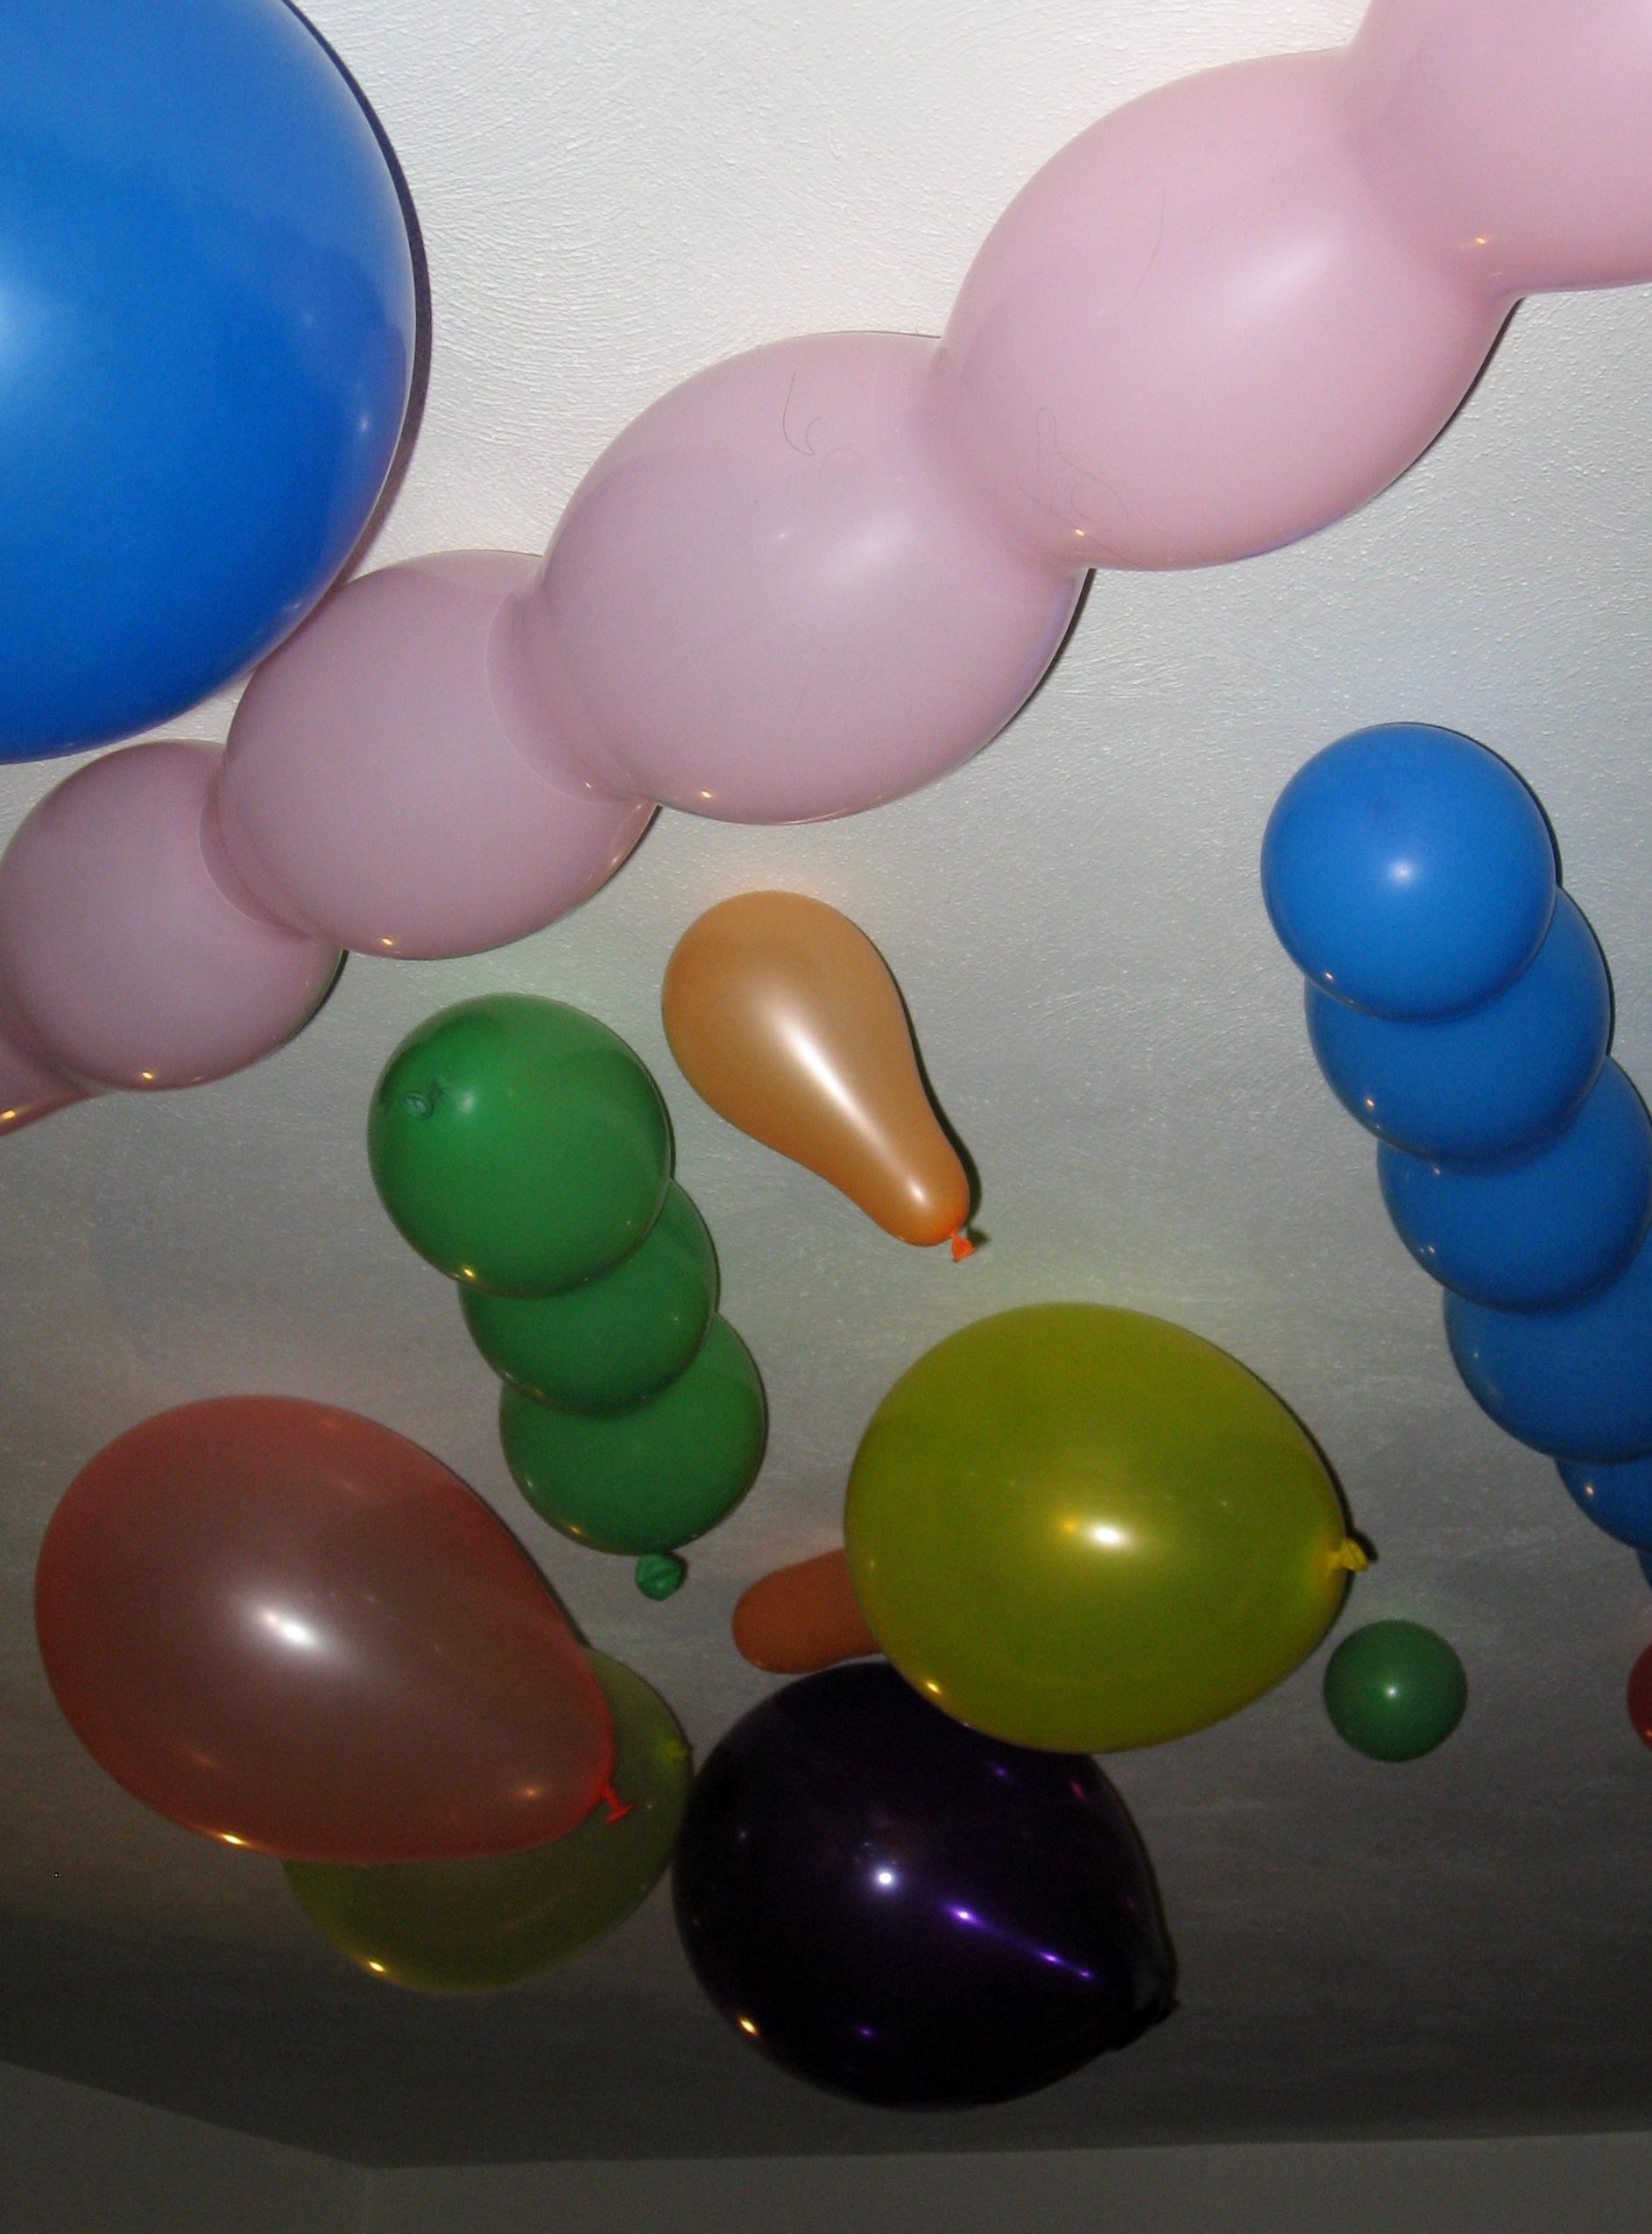 Balloon fetish facts